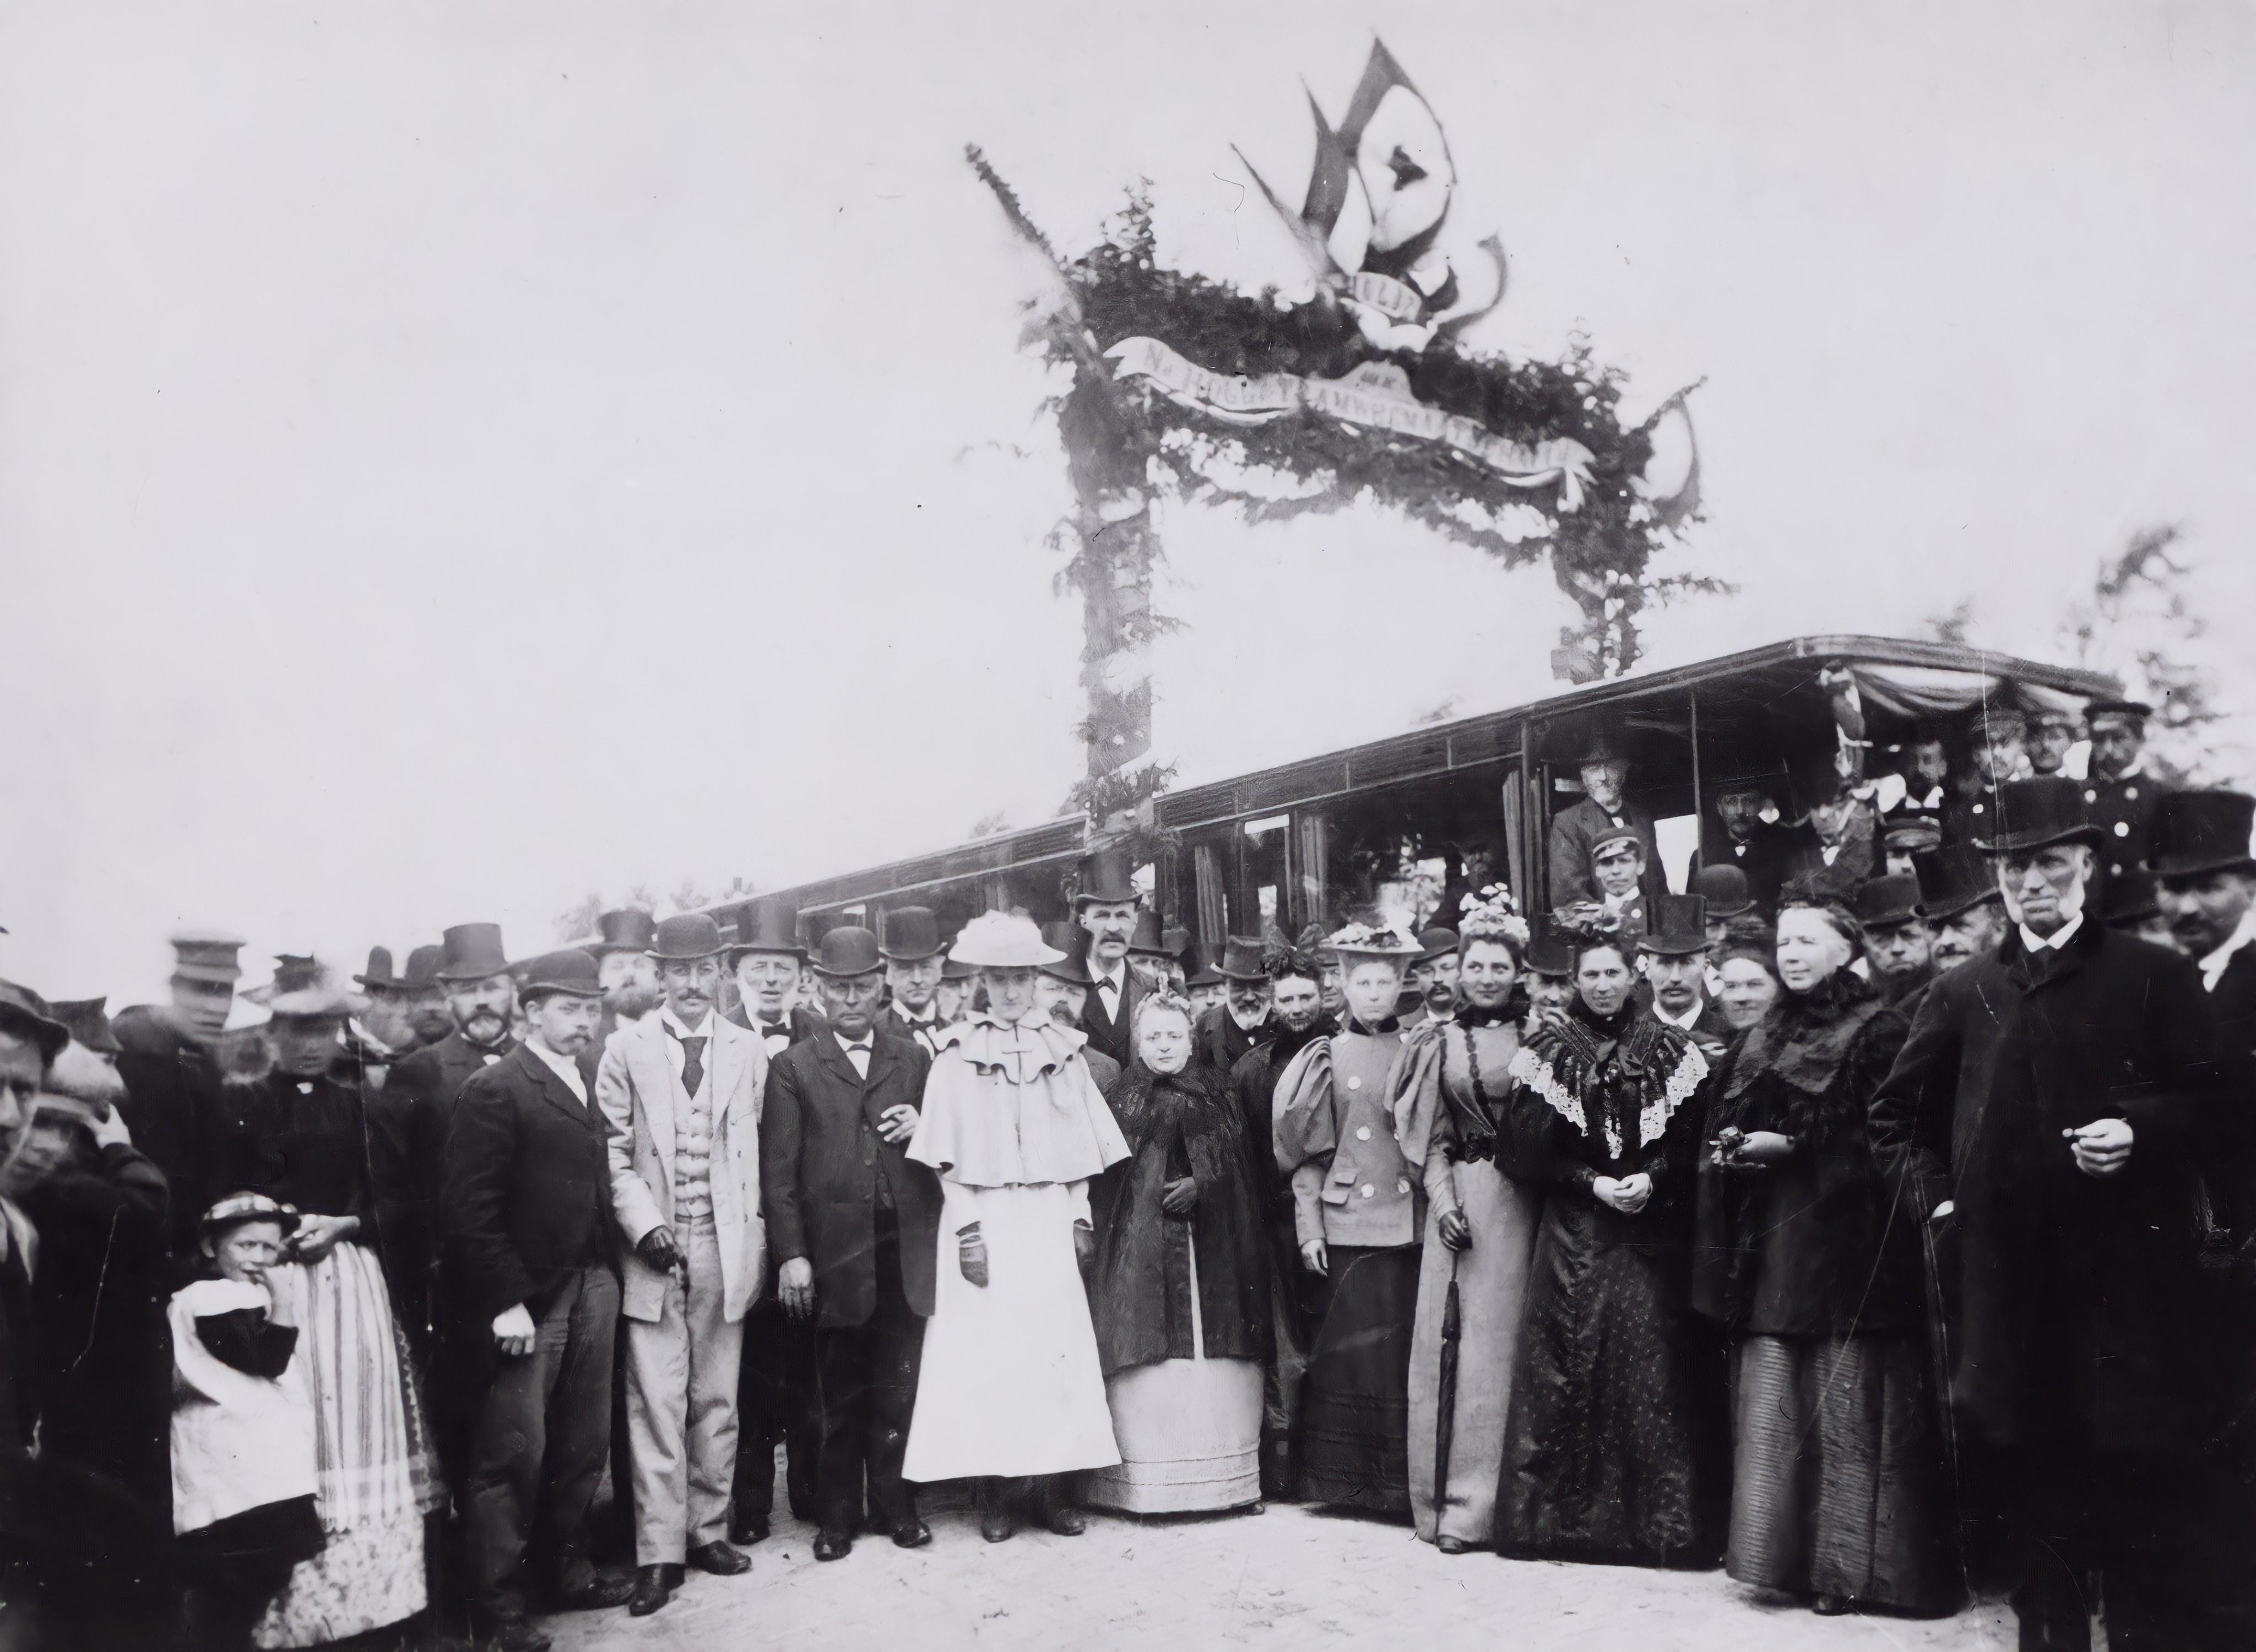 Met de tram van Alkmaar naar Amsterdam. 17 juli 1895 was de eerste rit. Een retourtje Amsterdam eerste klasse kostte een gulden en tweede klasse 75 cent